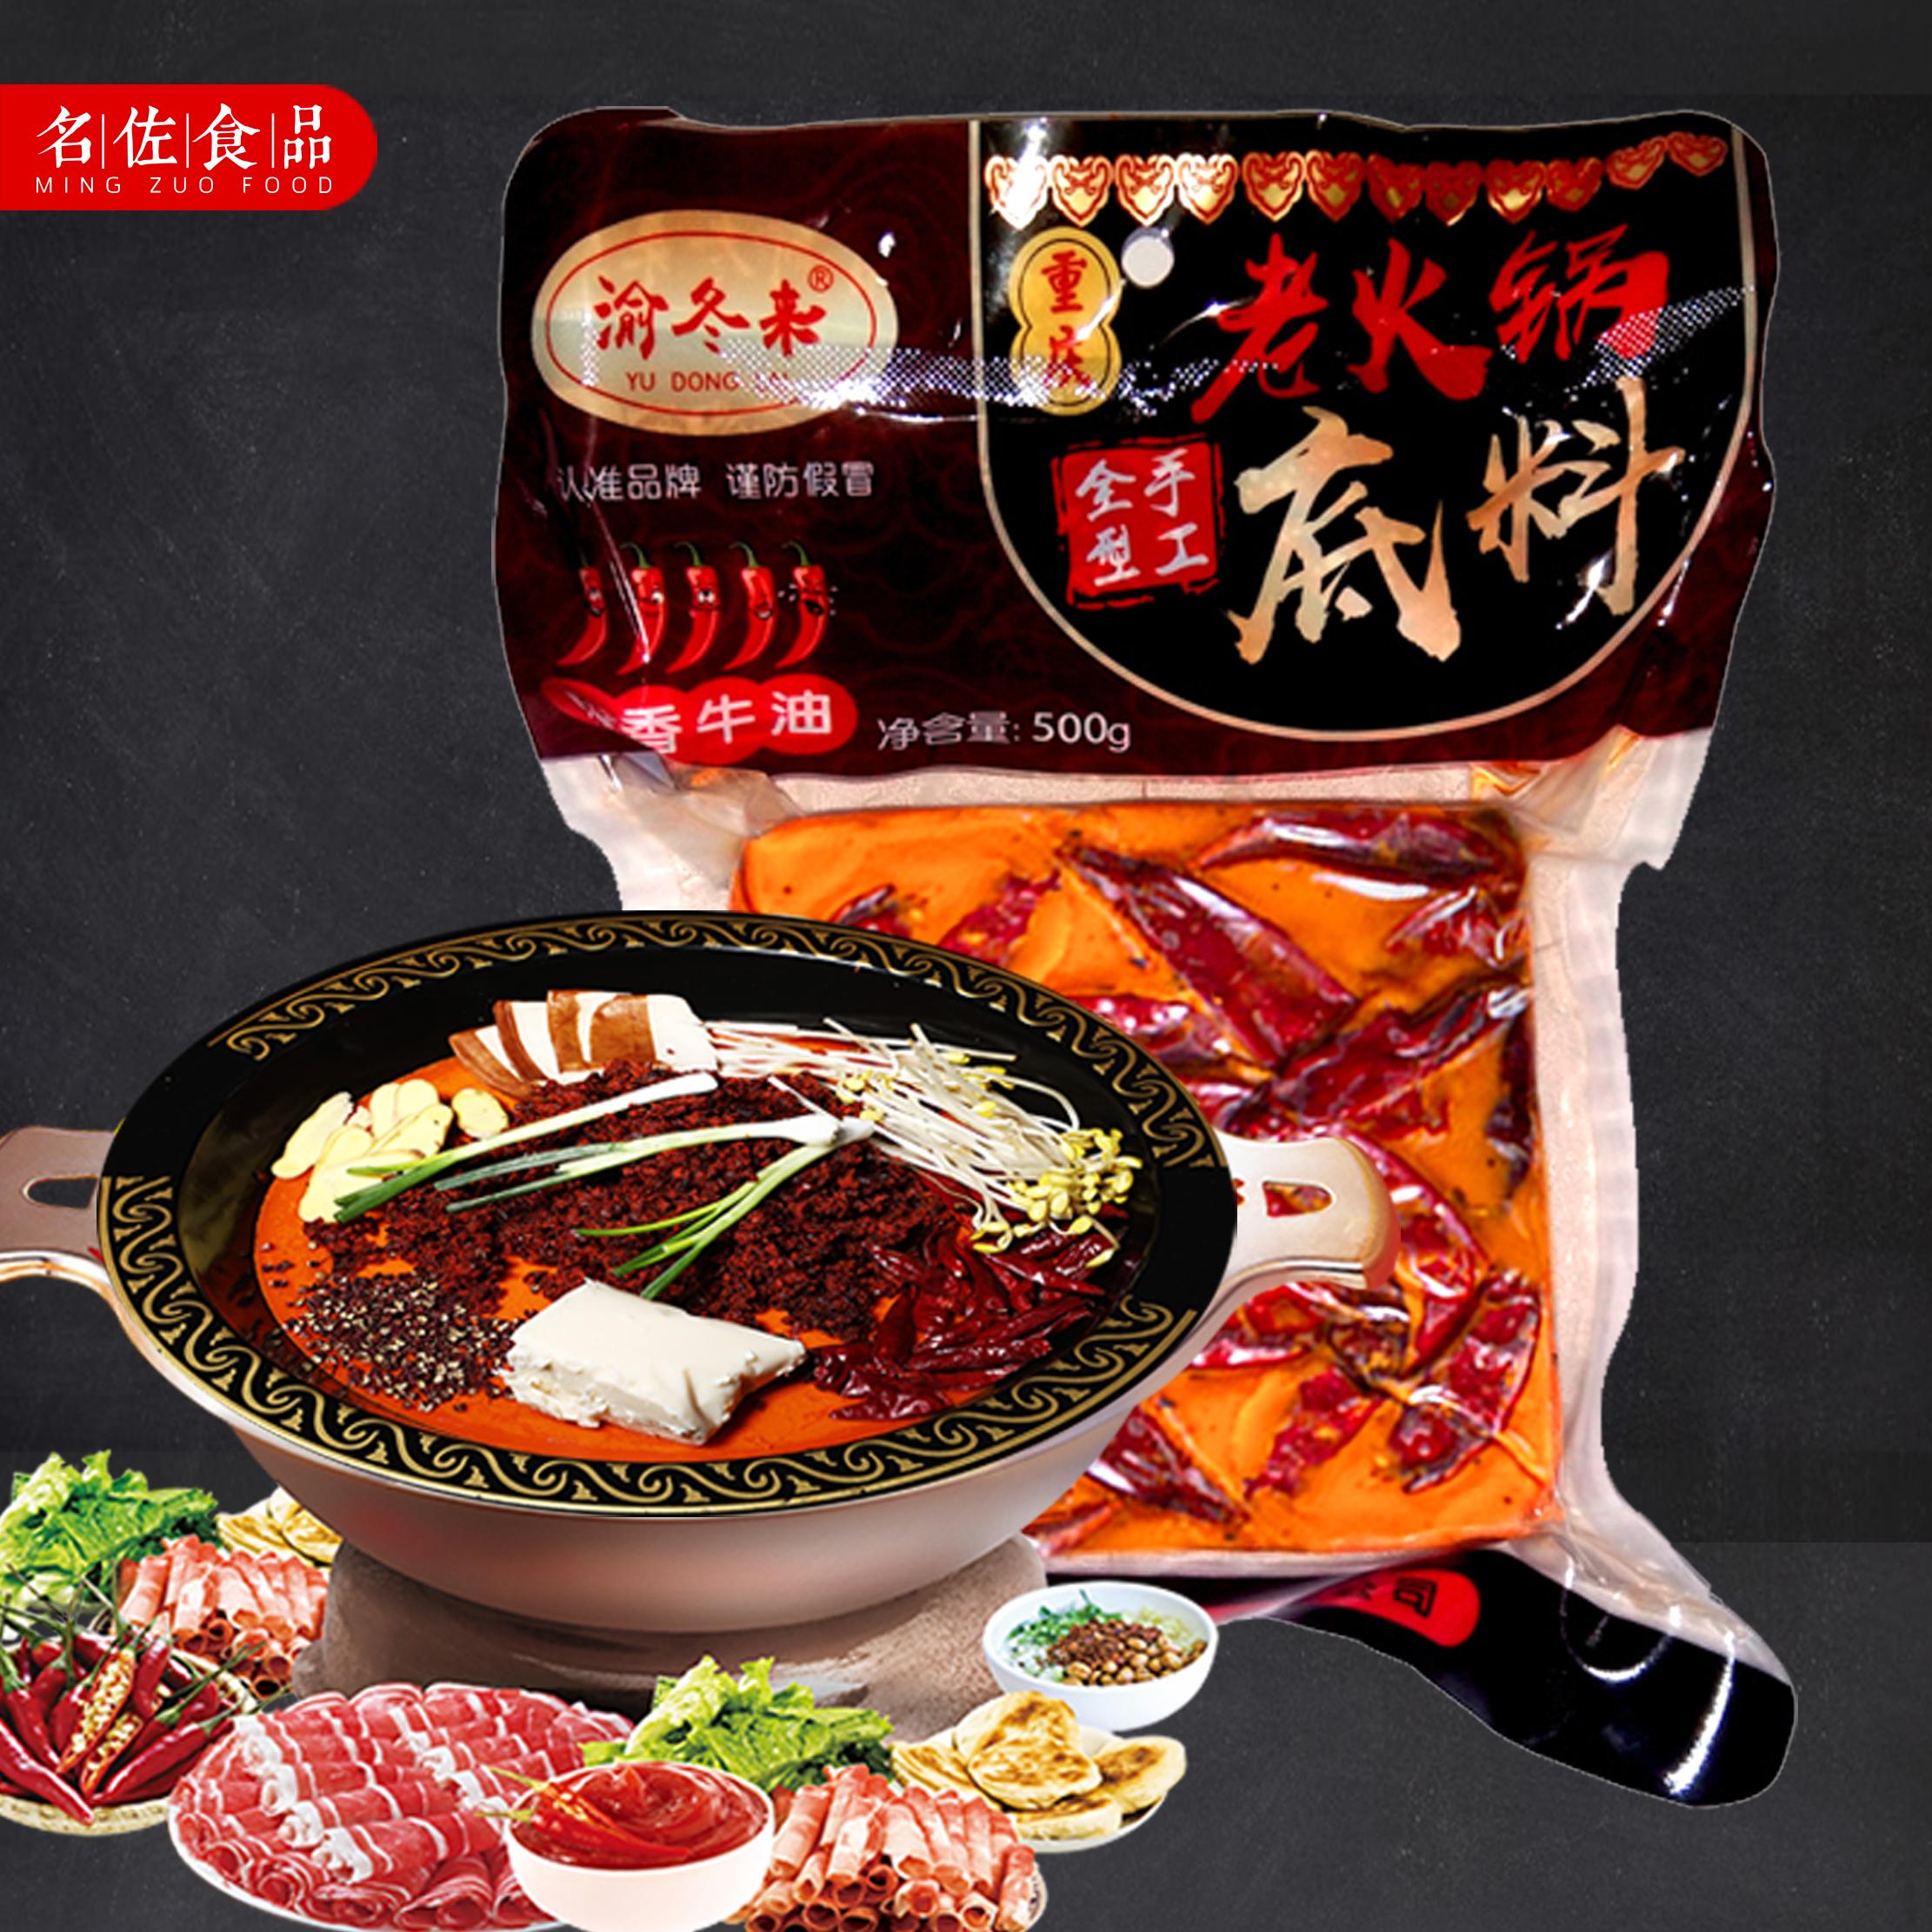 重慶の冬来の古い鍋の底料重慶の四川の特産品の家庭用麻辣な鉢のニワトリのザリガニの調味料は500 g包みます。